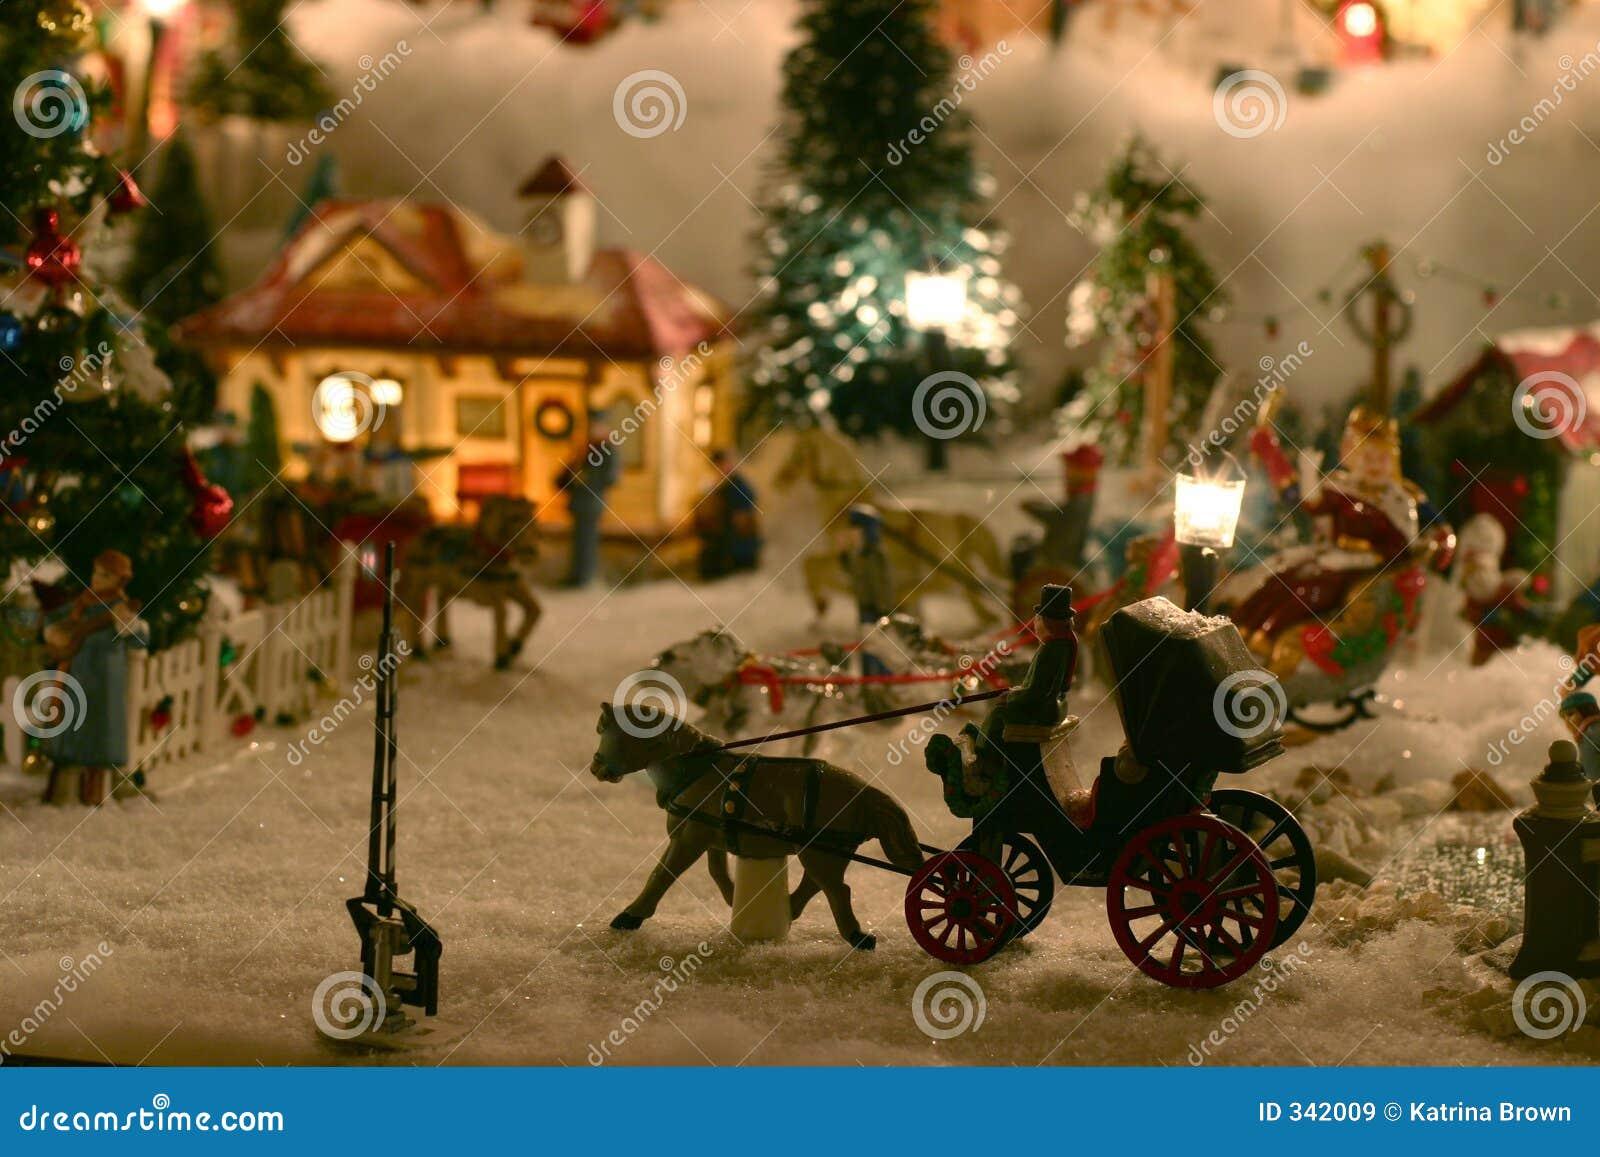 μικροσκοπικό χωριό Χριστουγέννων